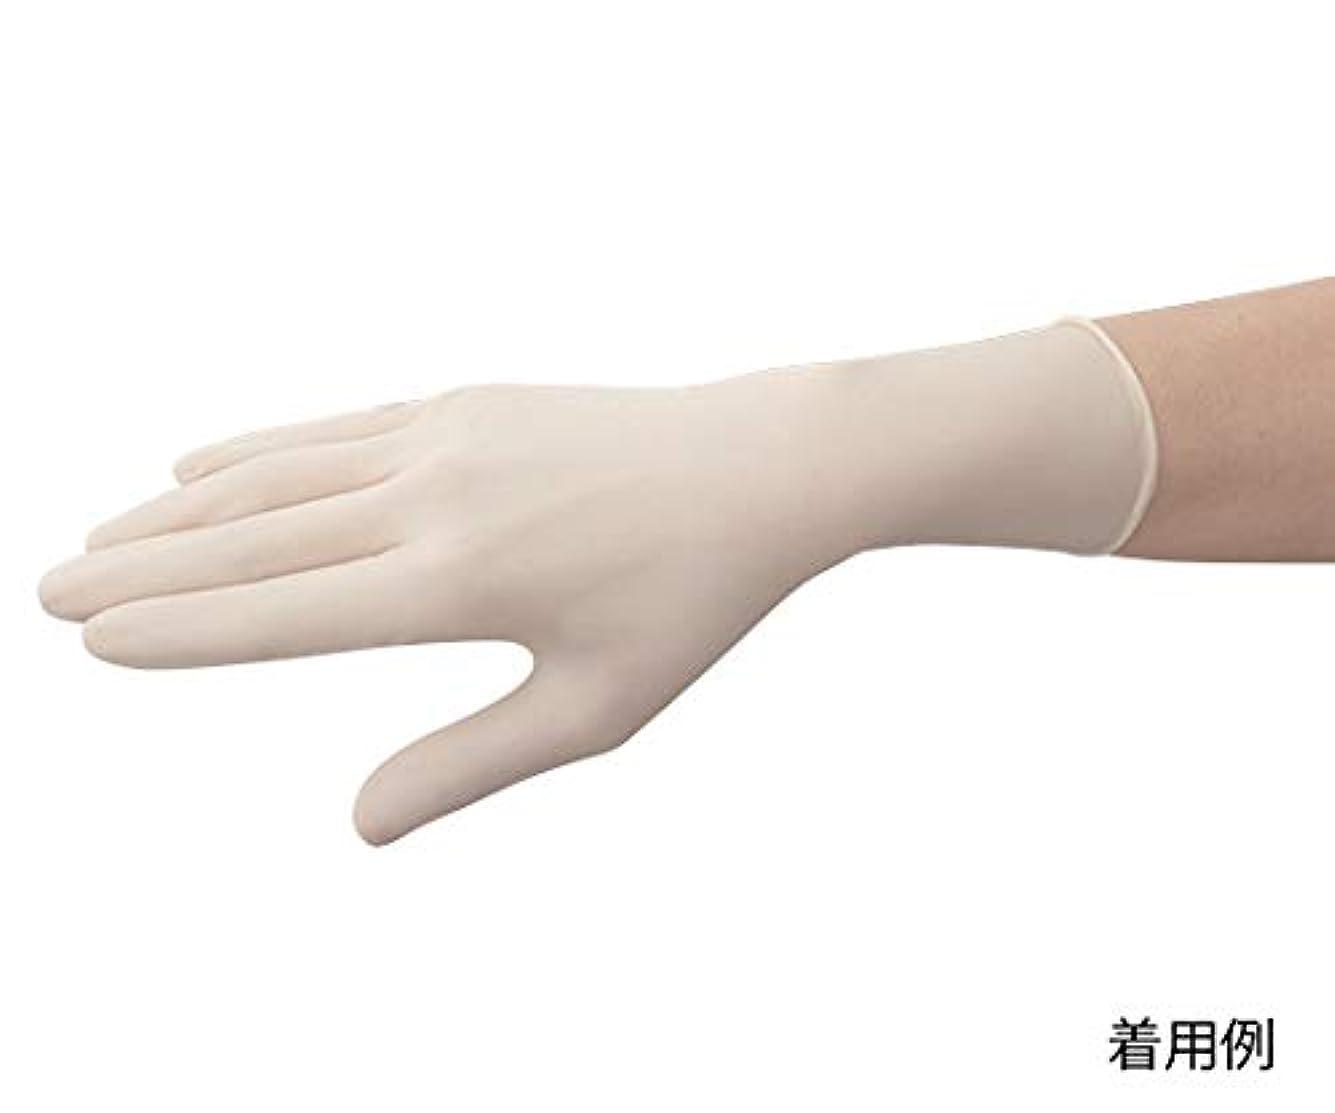 微生物紳士気取りの、きざな急いで東レ?メディカル 手術用手袋メディグリップ パウダーフリー50双 8175MG